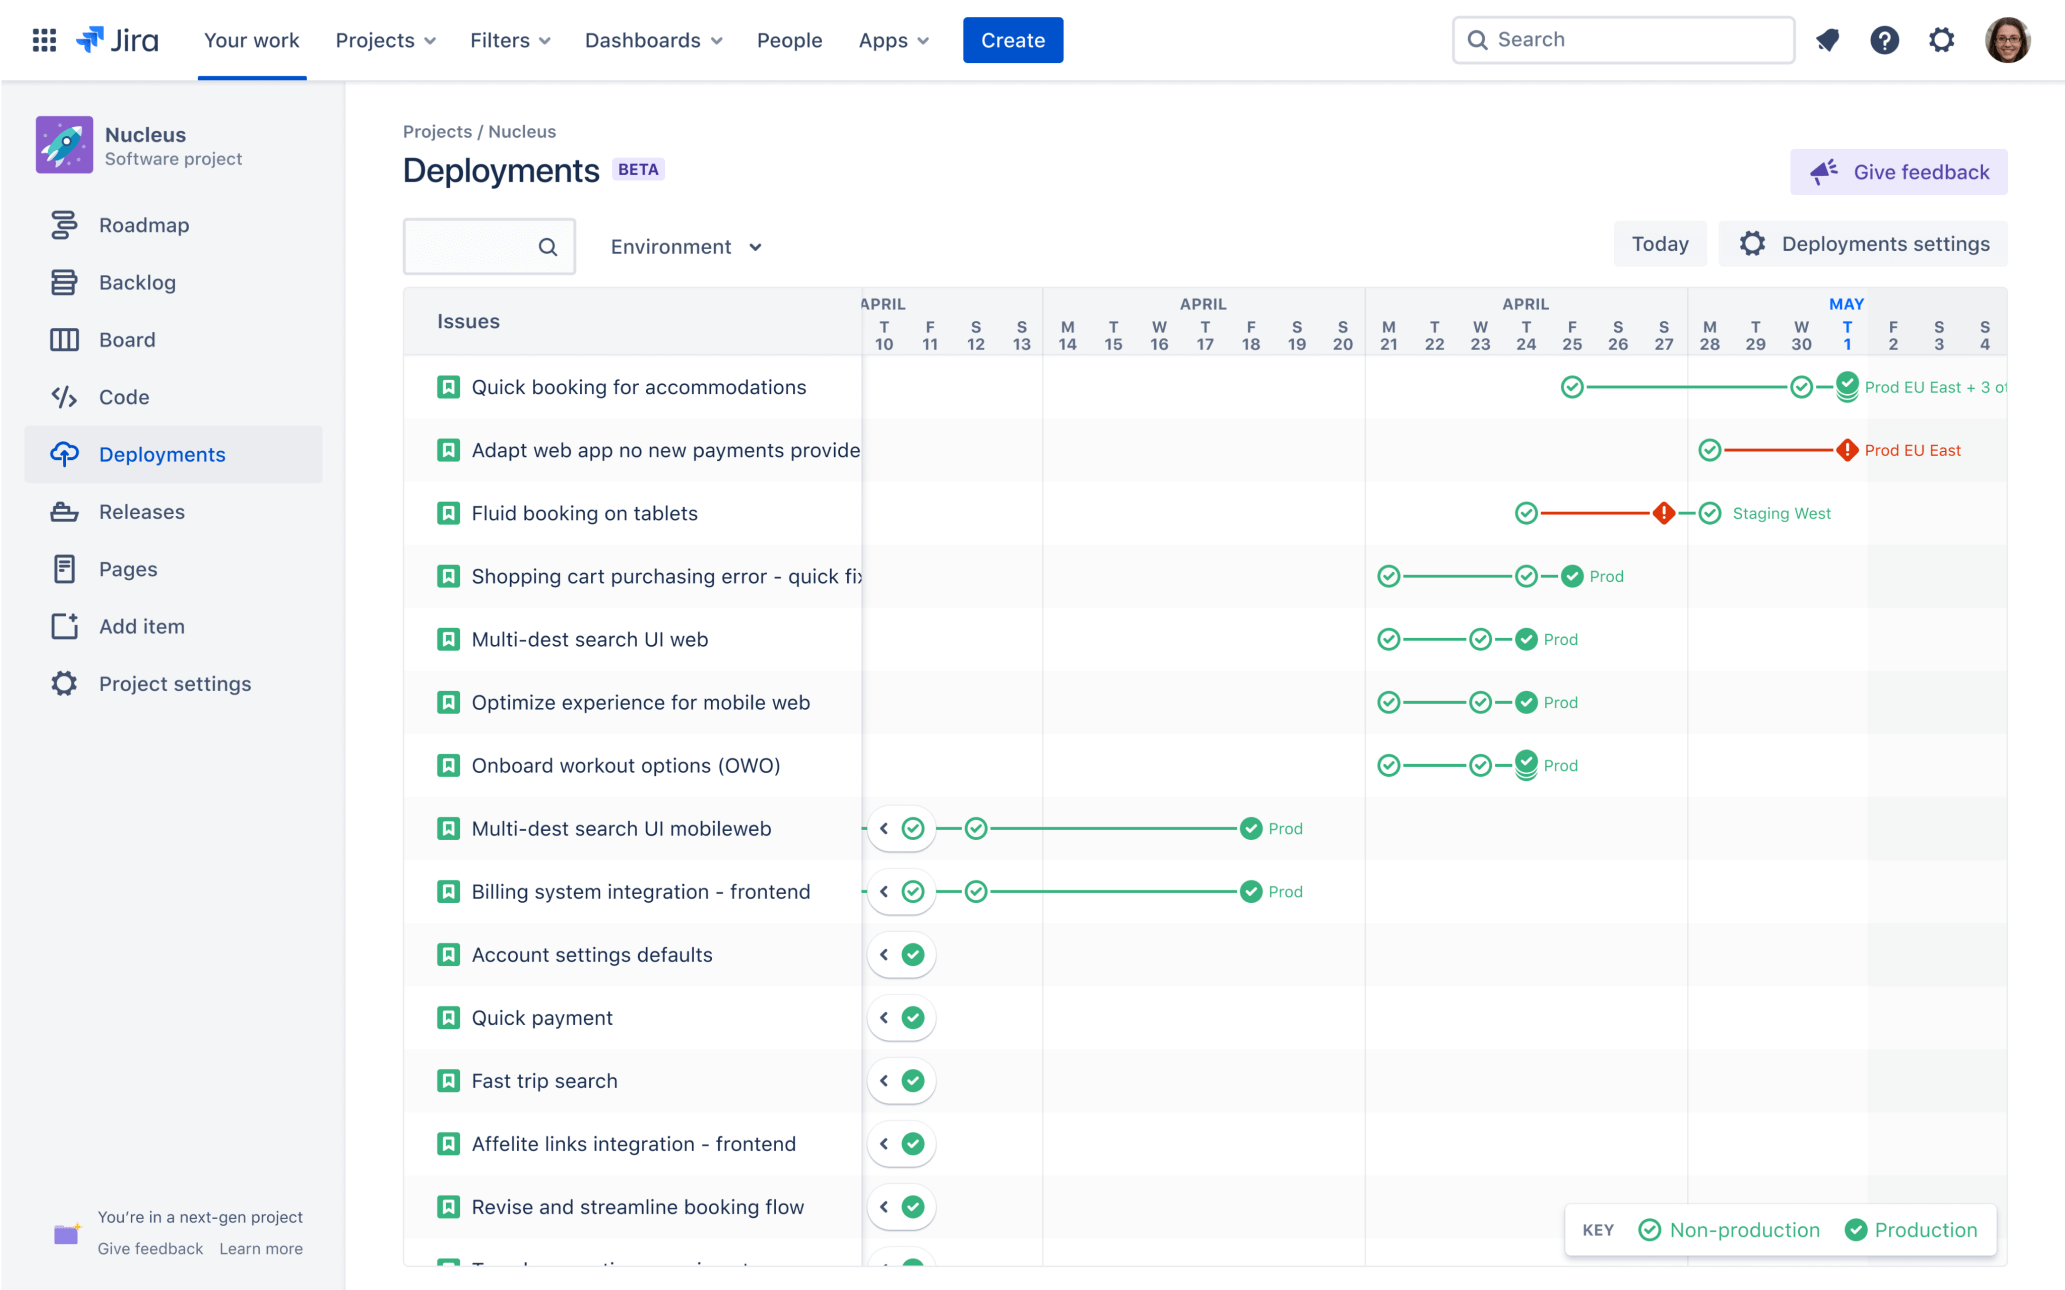 Captura de tela da implementação contínua no Jira